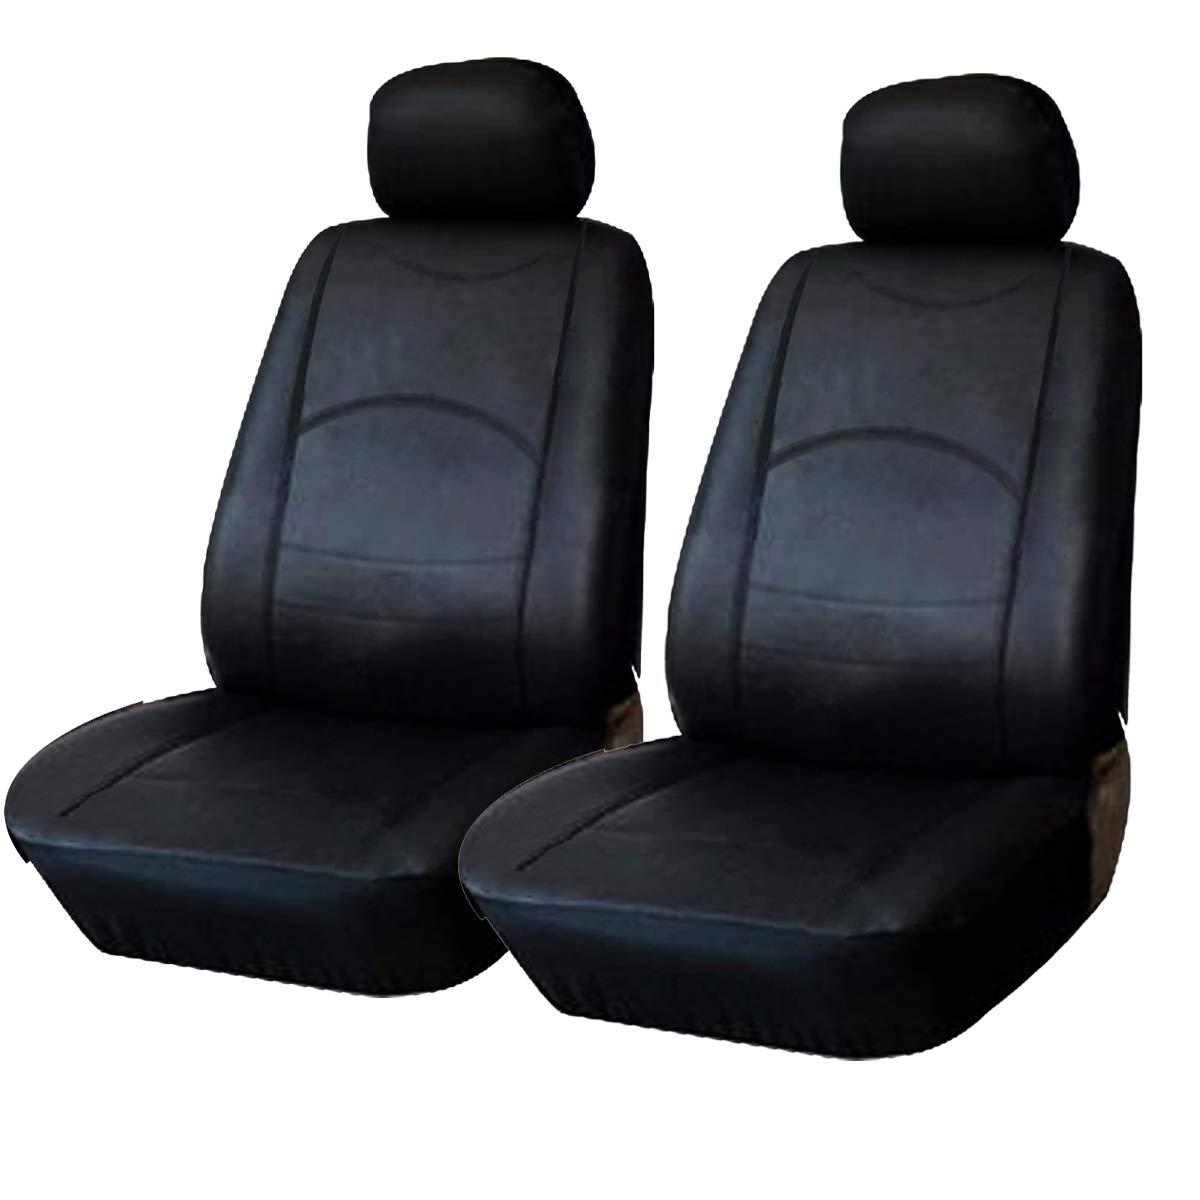 eSituro SCSC0047 2er Einzelsitzbezug universal Sitzbez/üge f/ür Auto Schonbezug Schoner aus Kunstleder schwarz